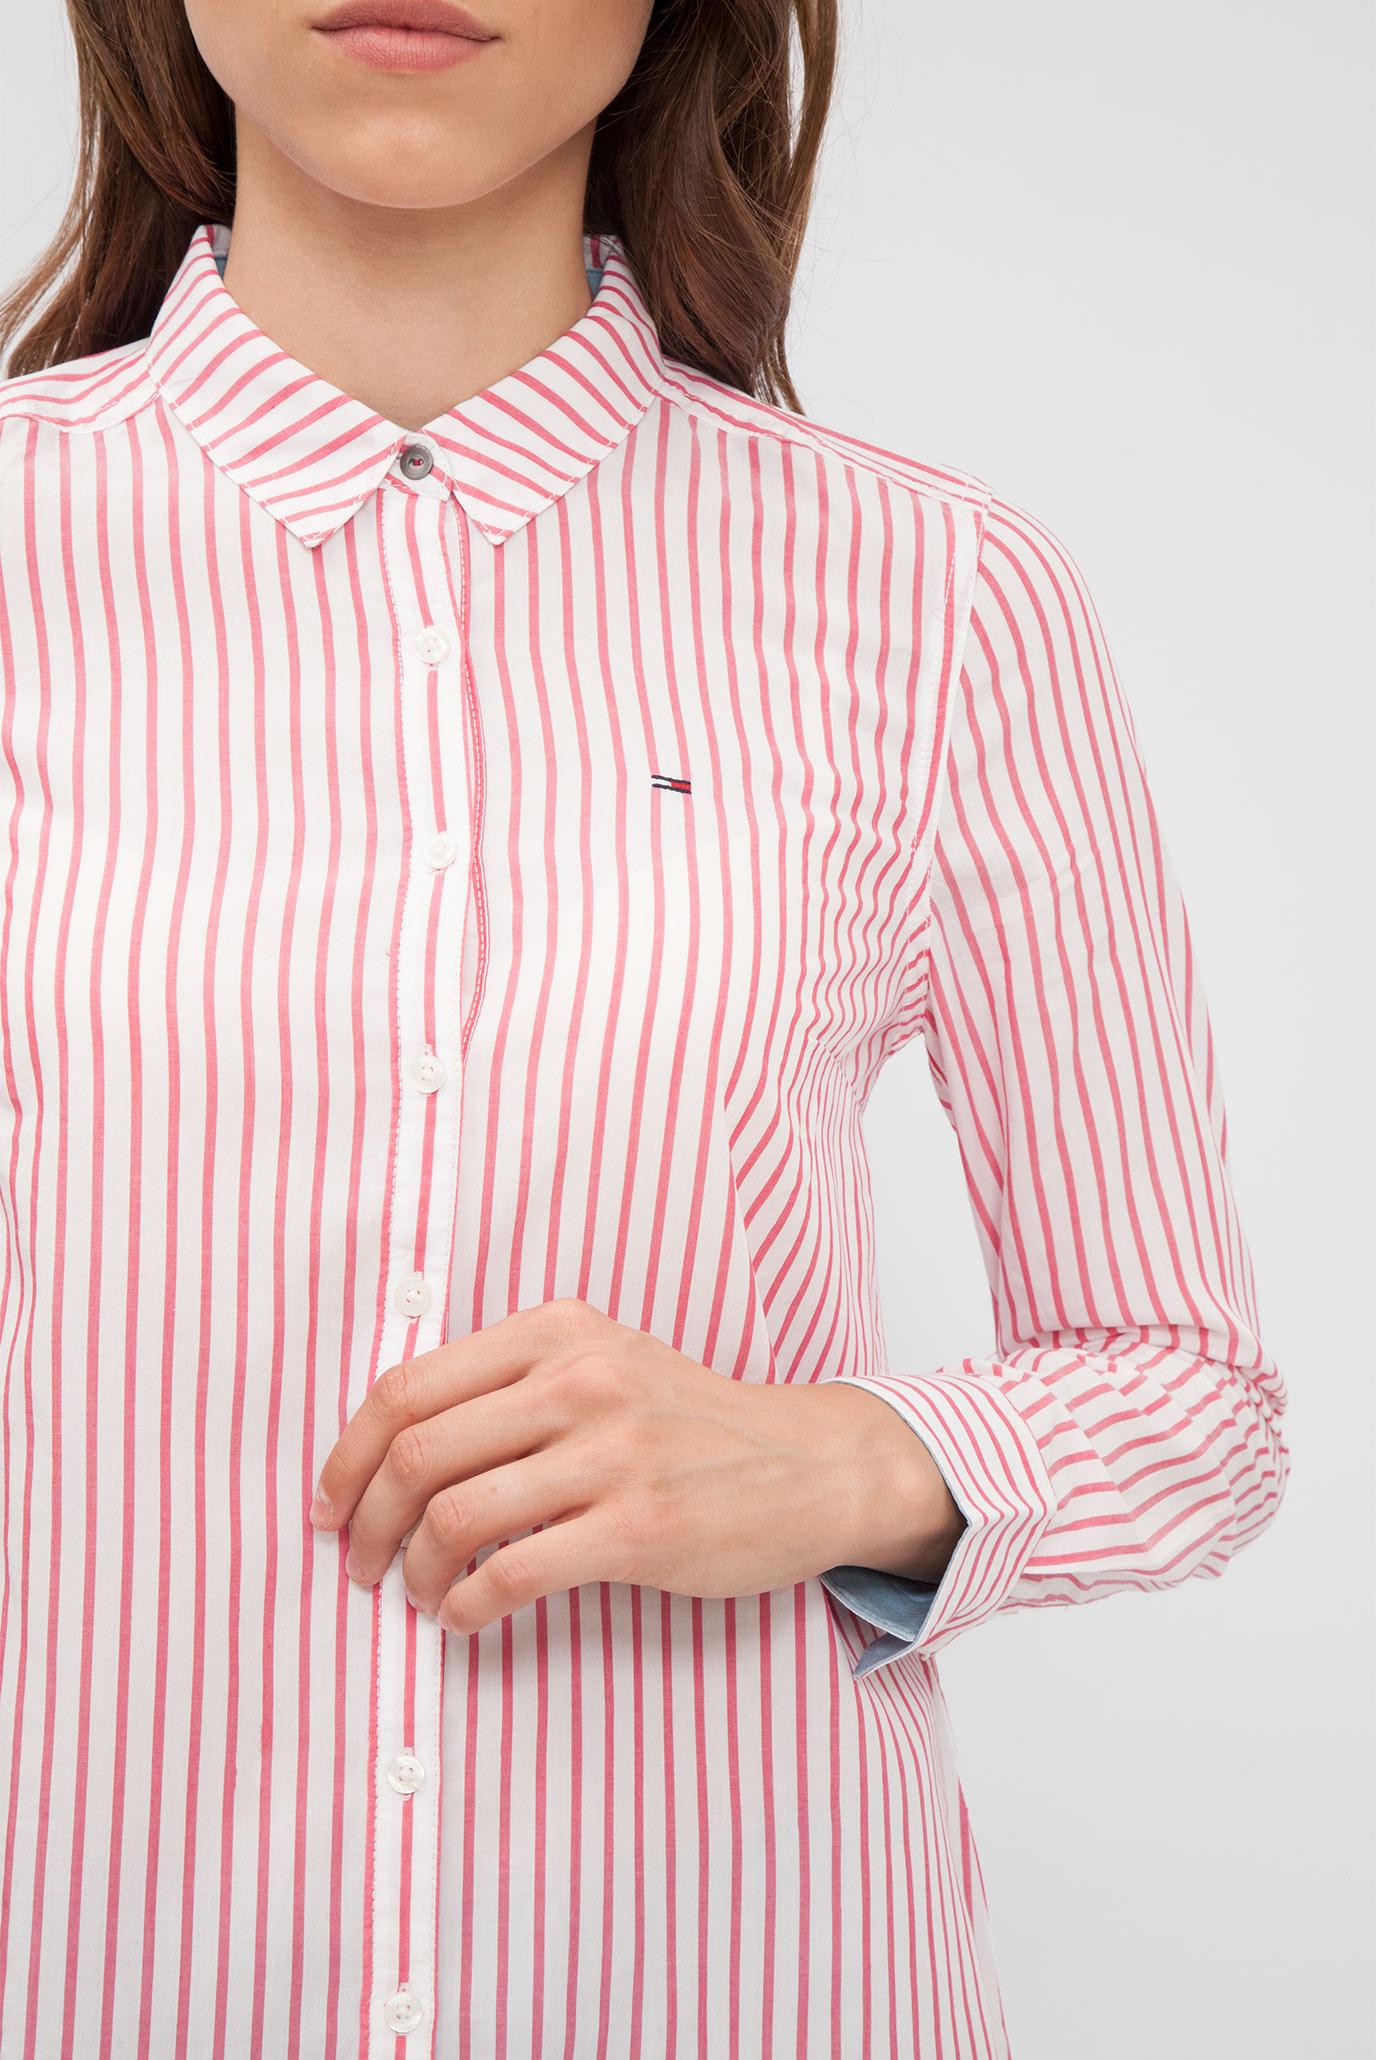 9f6be685cee Купить Женская розовая рубашка в полоску Tommy Hilfiger Tommy Hilfiger  DW0DW02279 – Киев